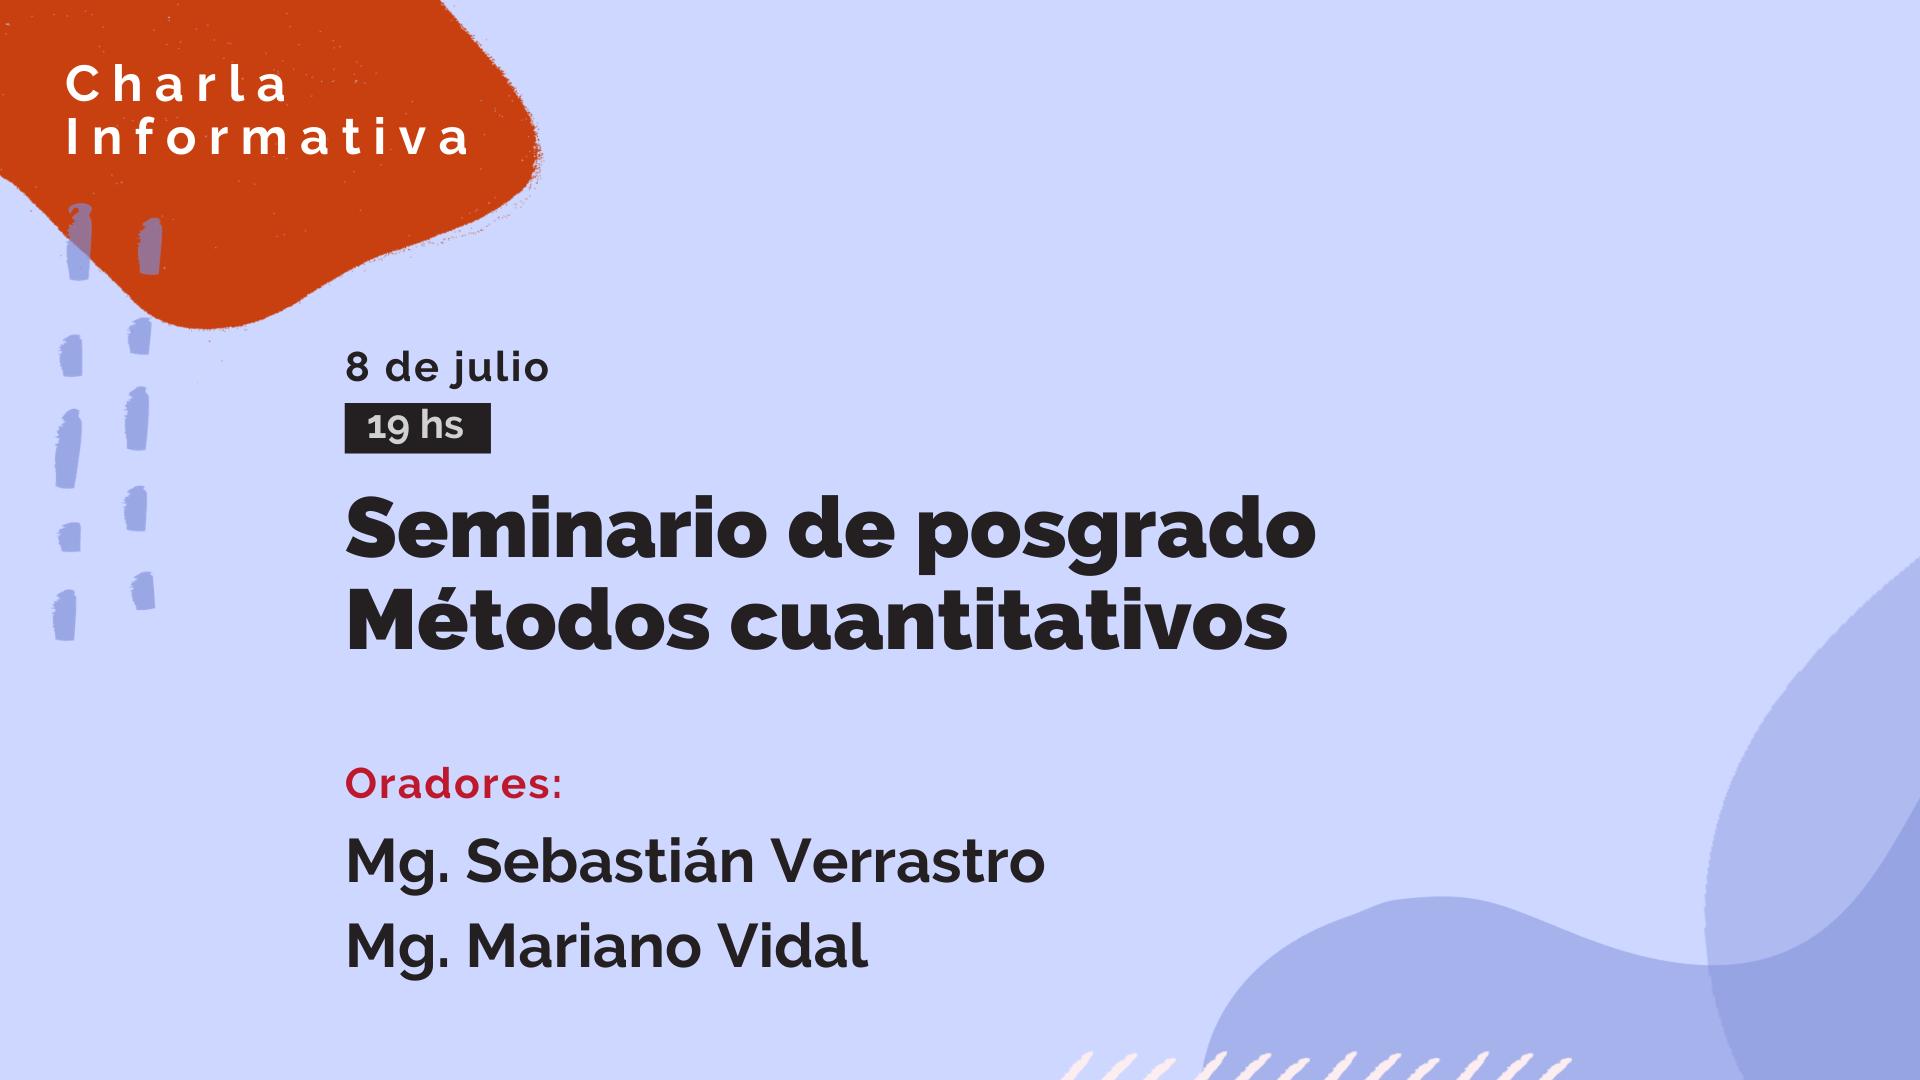 Seminario de posgrado Métodos cuantitativos-UTN online